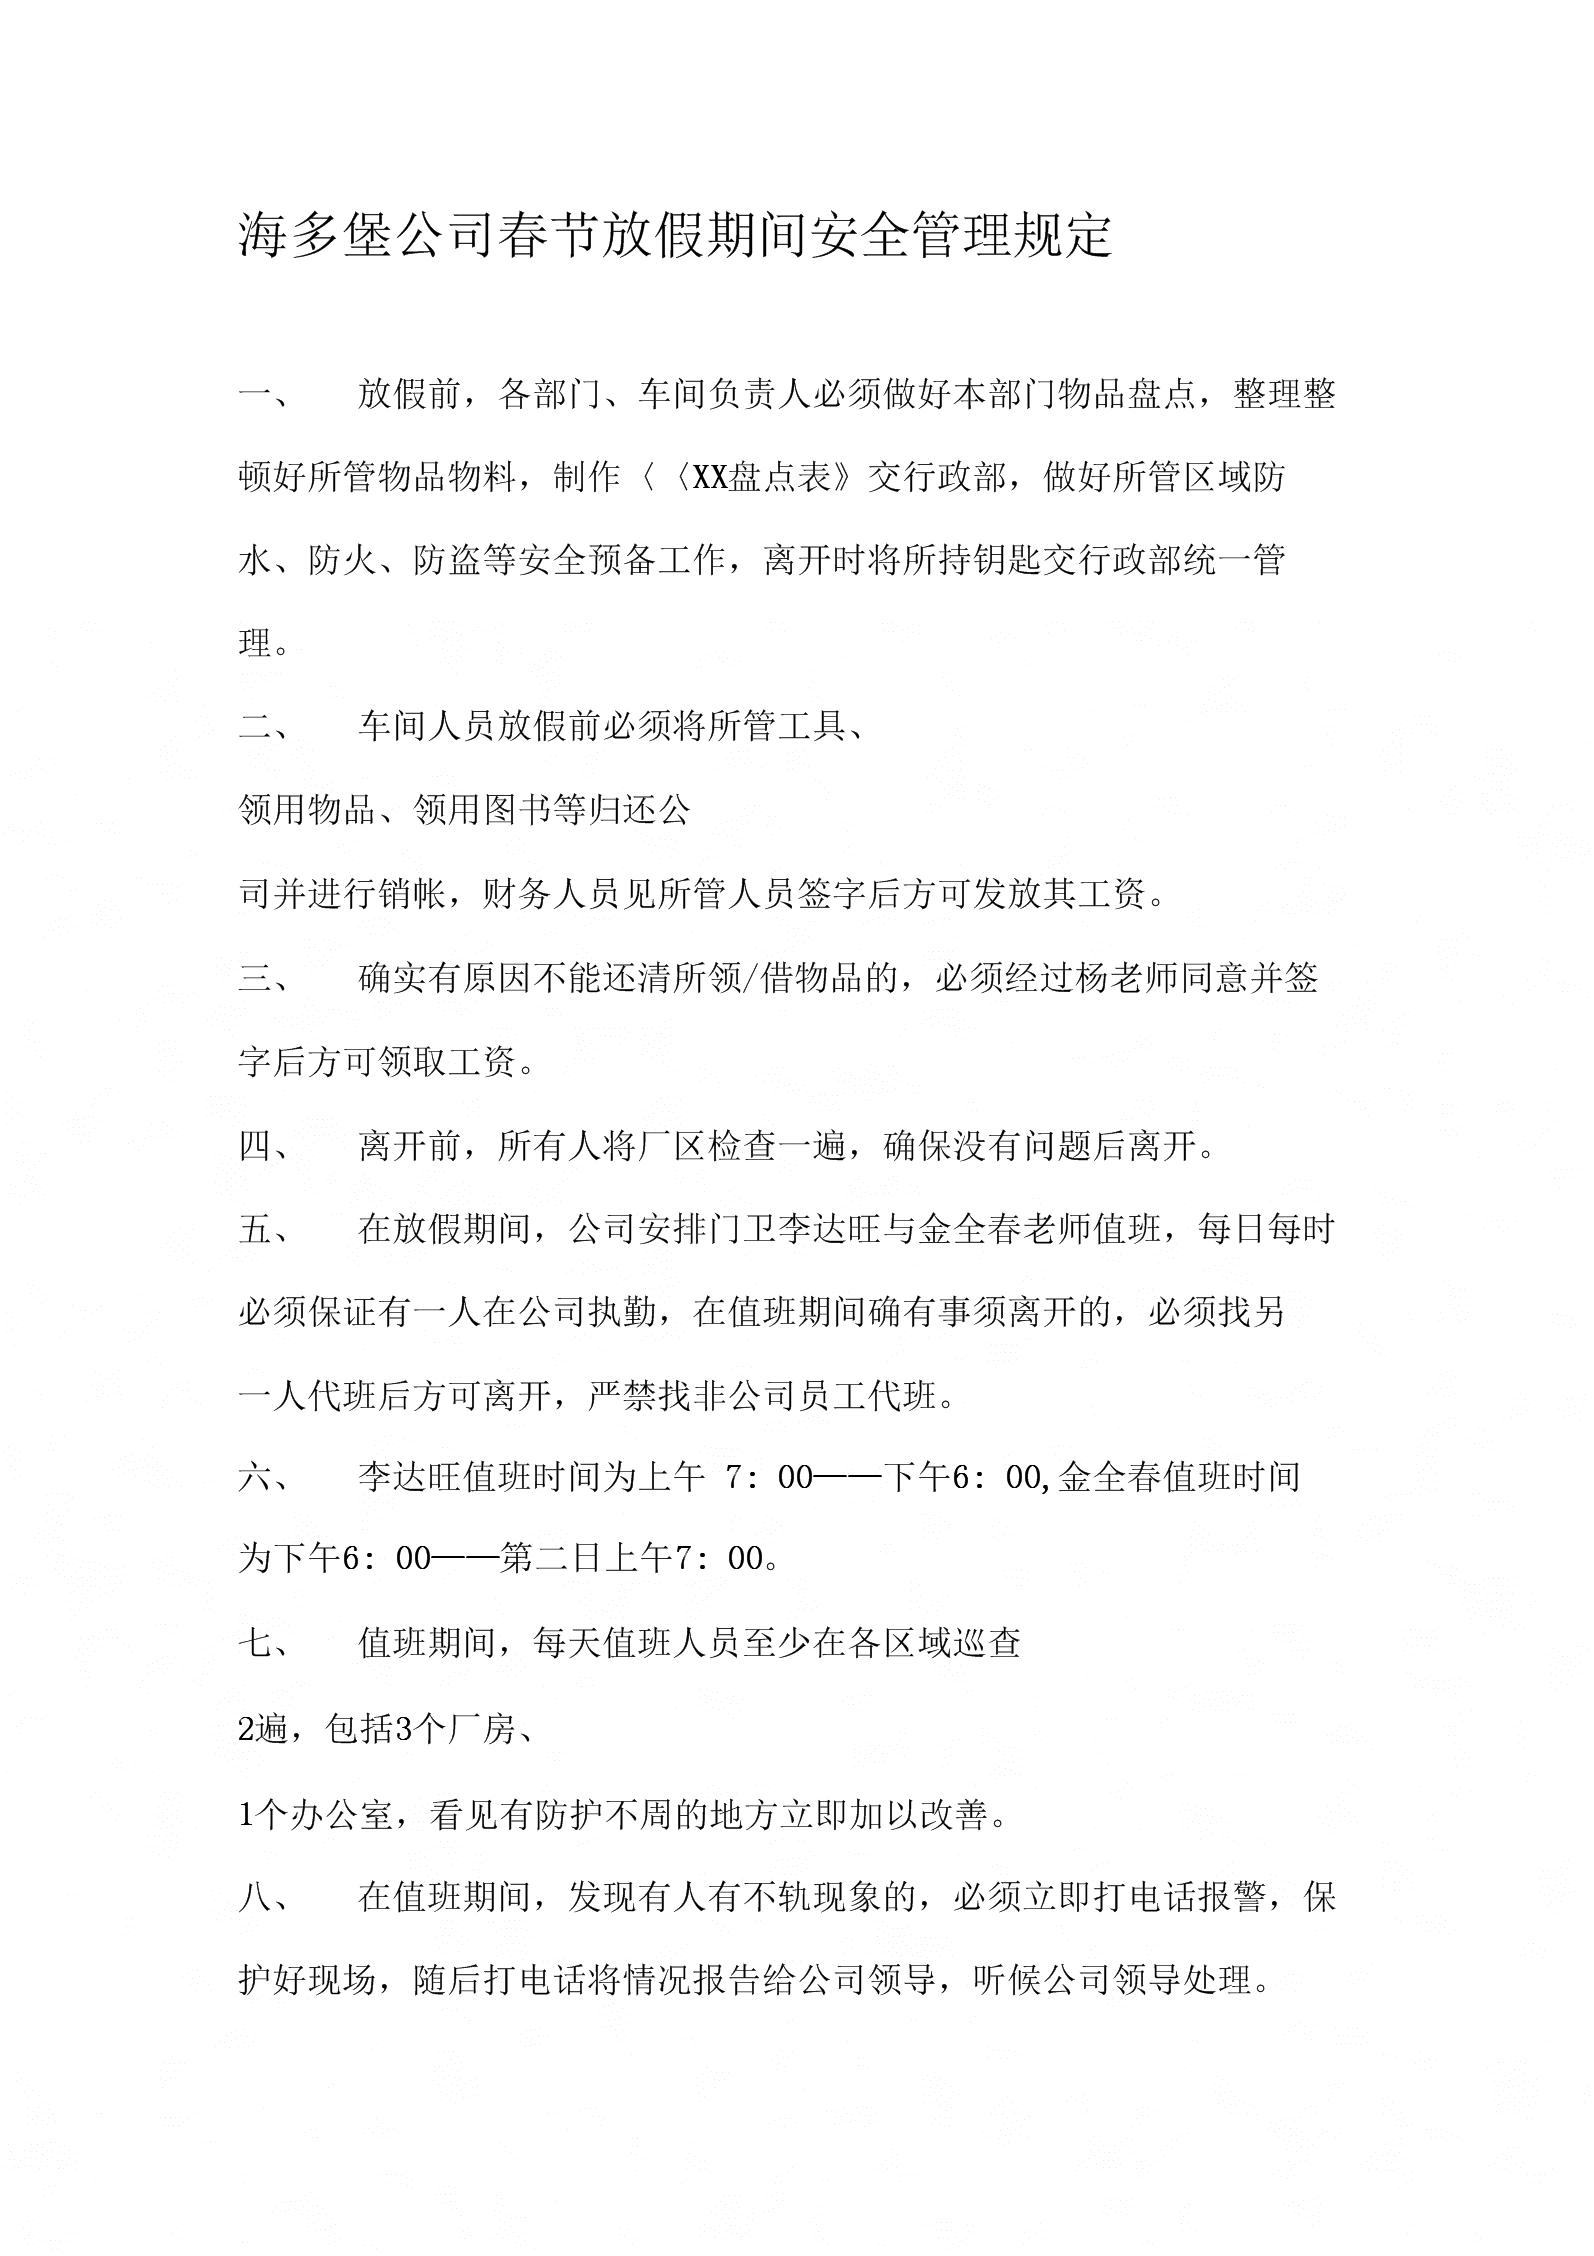 春节放假期间安全管理规定.docx